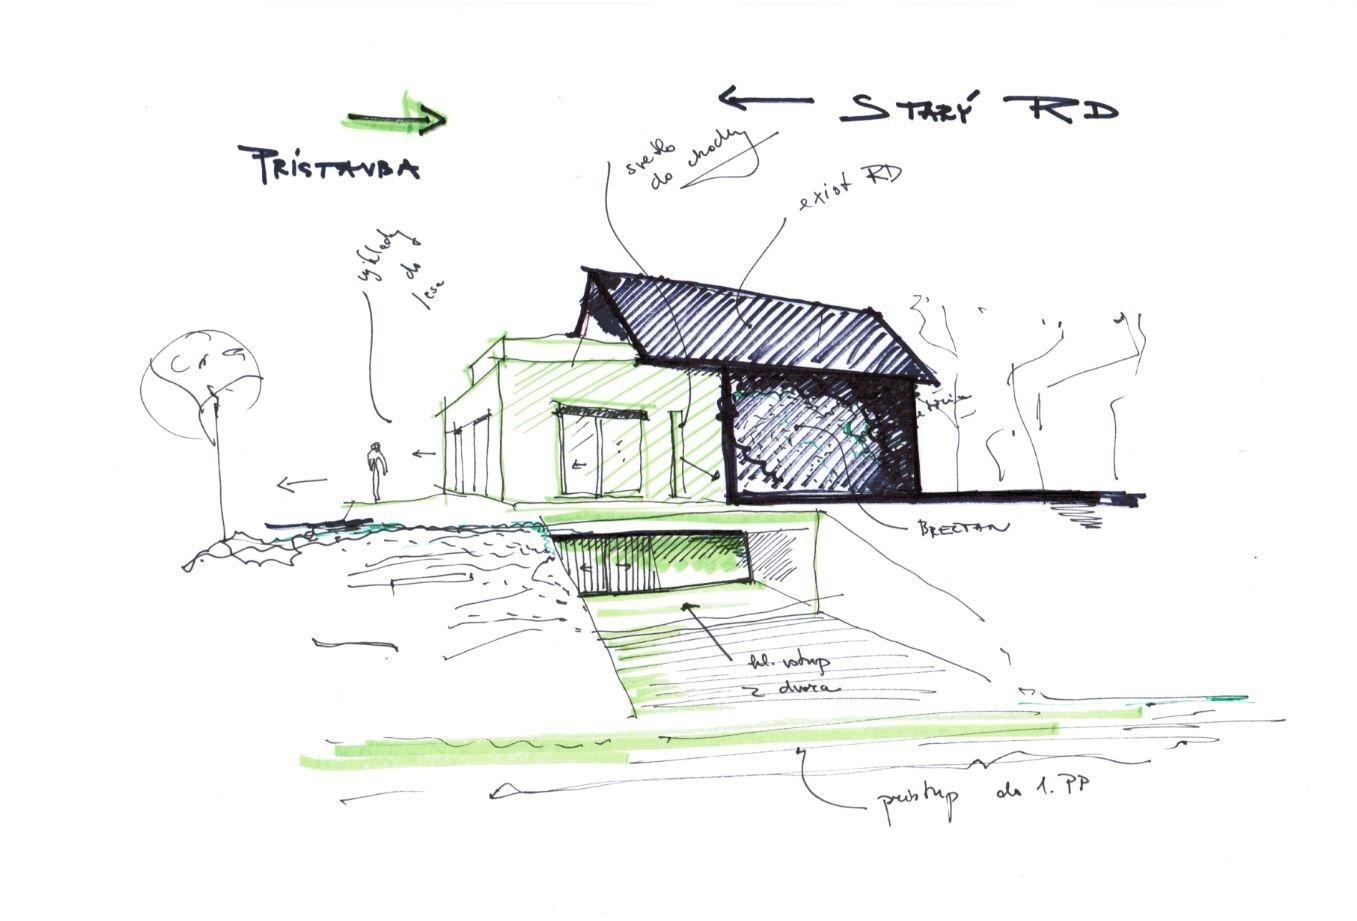 Letná terasa je situovaná nad pivničným priestorom. V 1. PP je navrhnutá vináreň so skladmi sudov, práčovňou a technickou miestnosťou. Na základe klientom naznačených dispozičných väzieb a prioritných exteriérových výhľadov a priehľadov vznikol koncept kvádrovitej prízemnej prístavby, ktorá je vsadená do už existujúceho starého domu, aj s využiteľným podkrovím. V minulosti podkrovie starého bytu slúžilo len ako skladovacie priestory, no dnes je  dominantnou nočnou zónou s krásnou terasou a výhľadom na les.